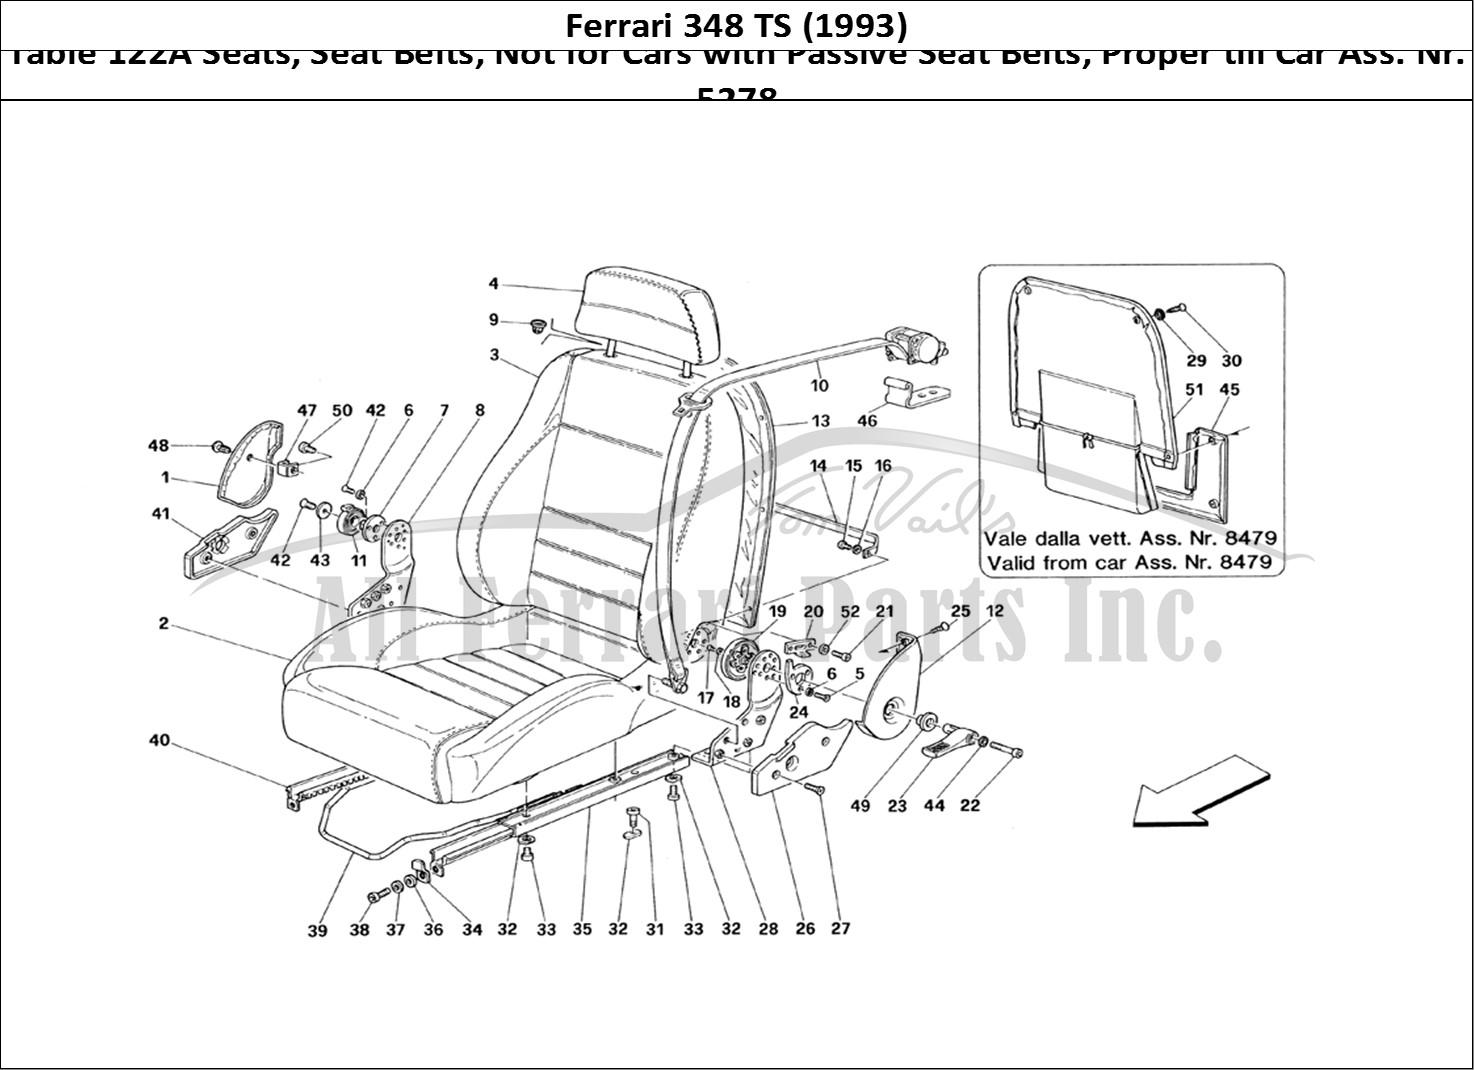 Buy Original Ferrari 348 Ts 122a Seats Seat Belts